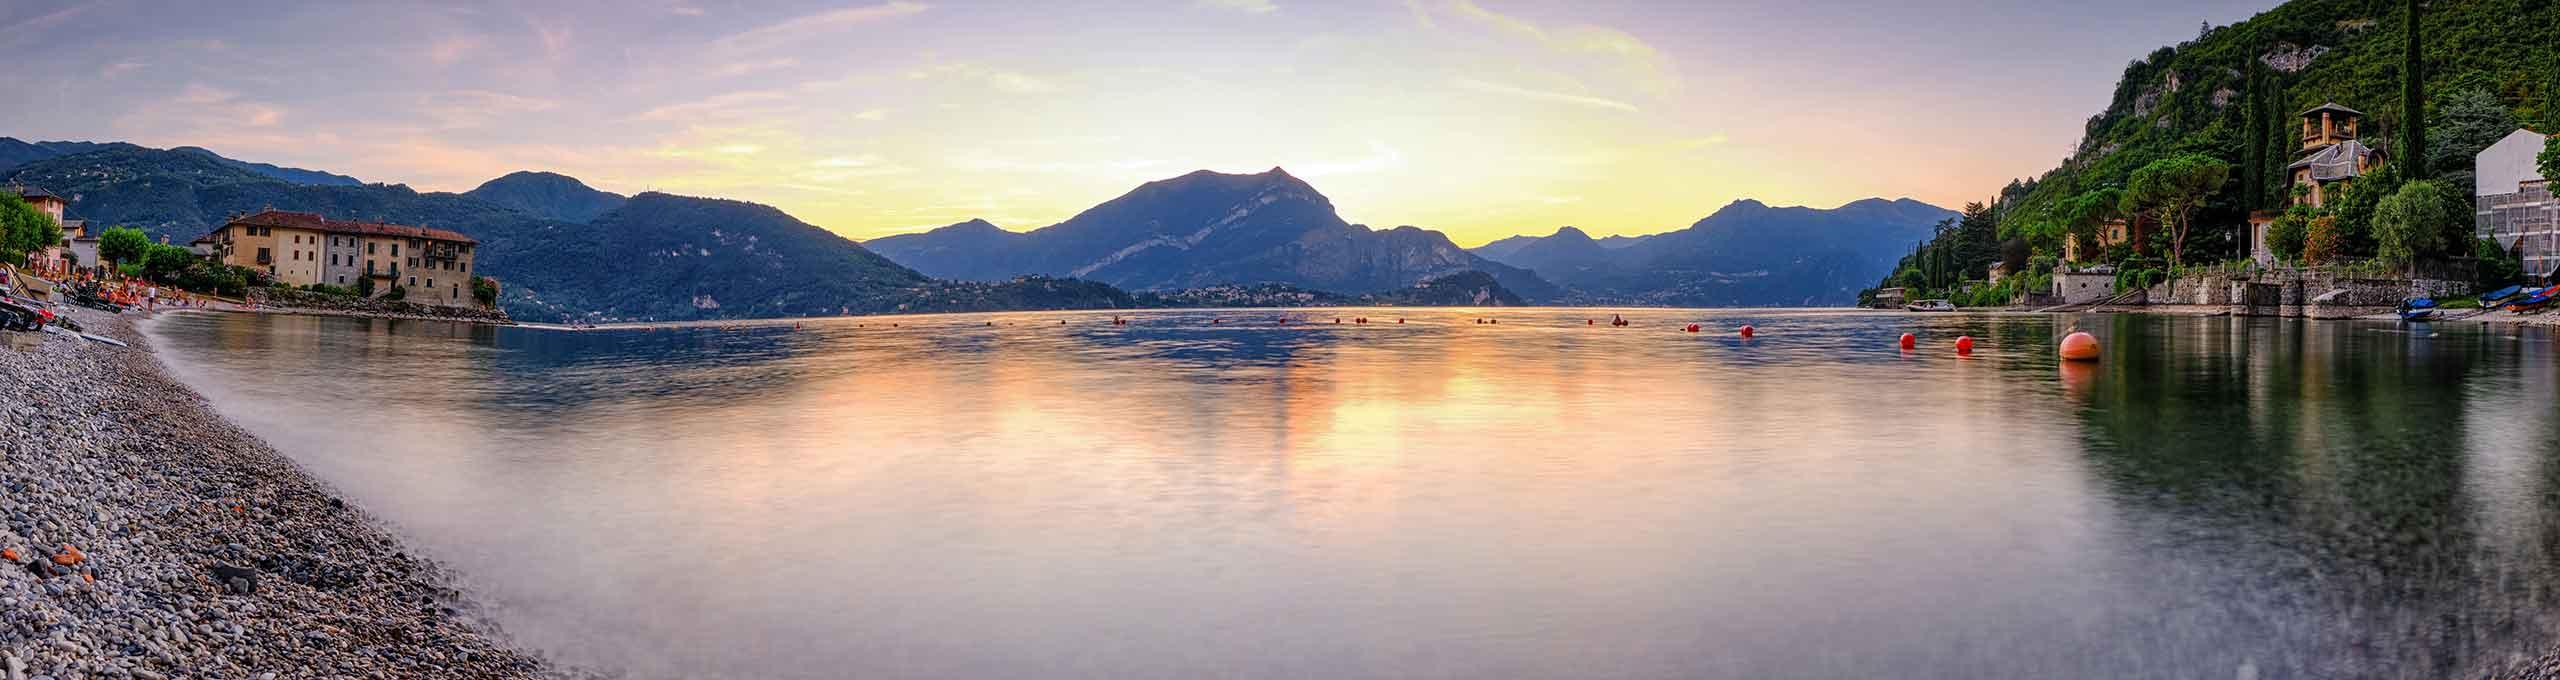 Liema, Lago di Como